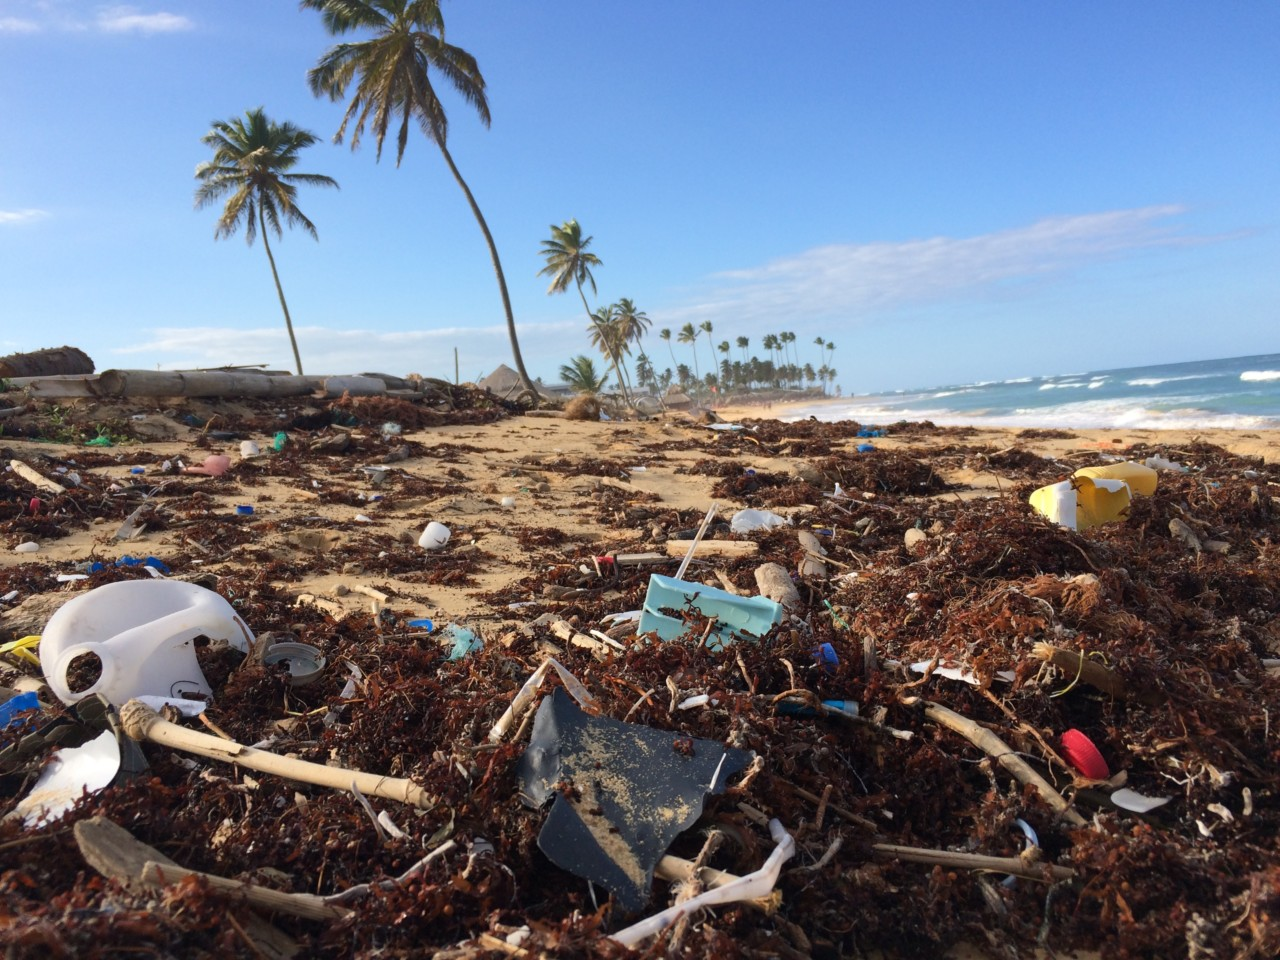 dustan-woodhouse-ocean-waste-beach-polyester-unsplash